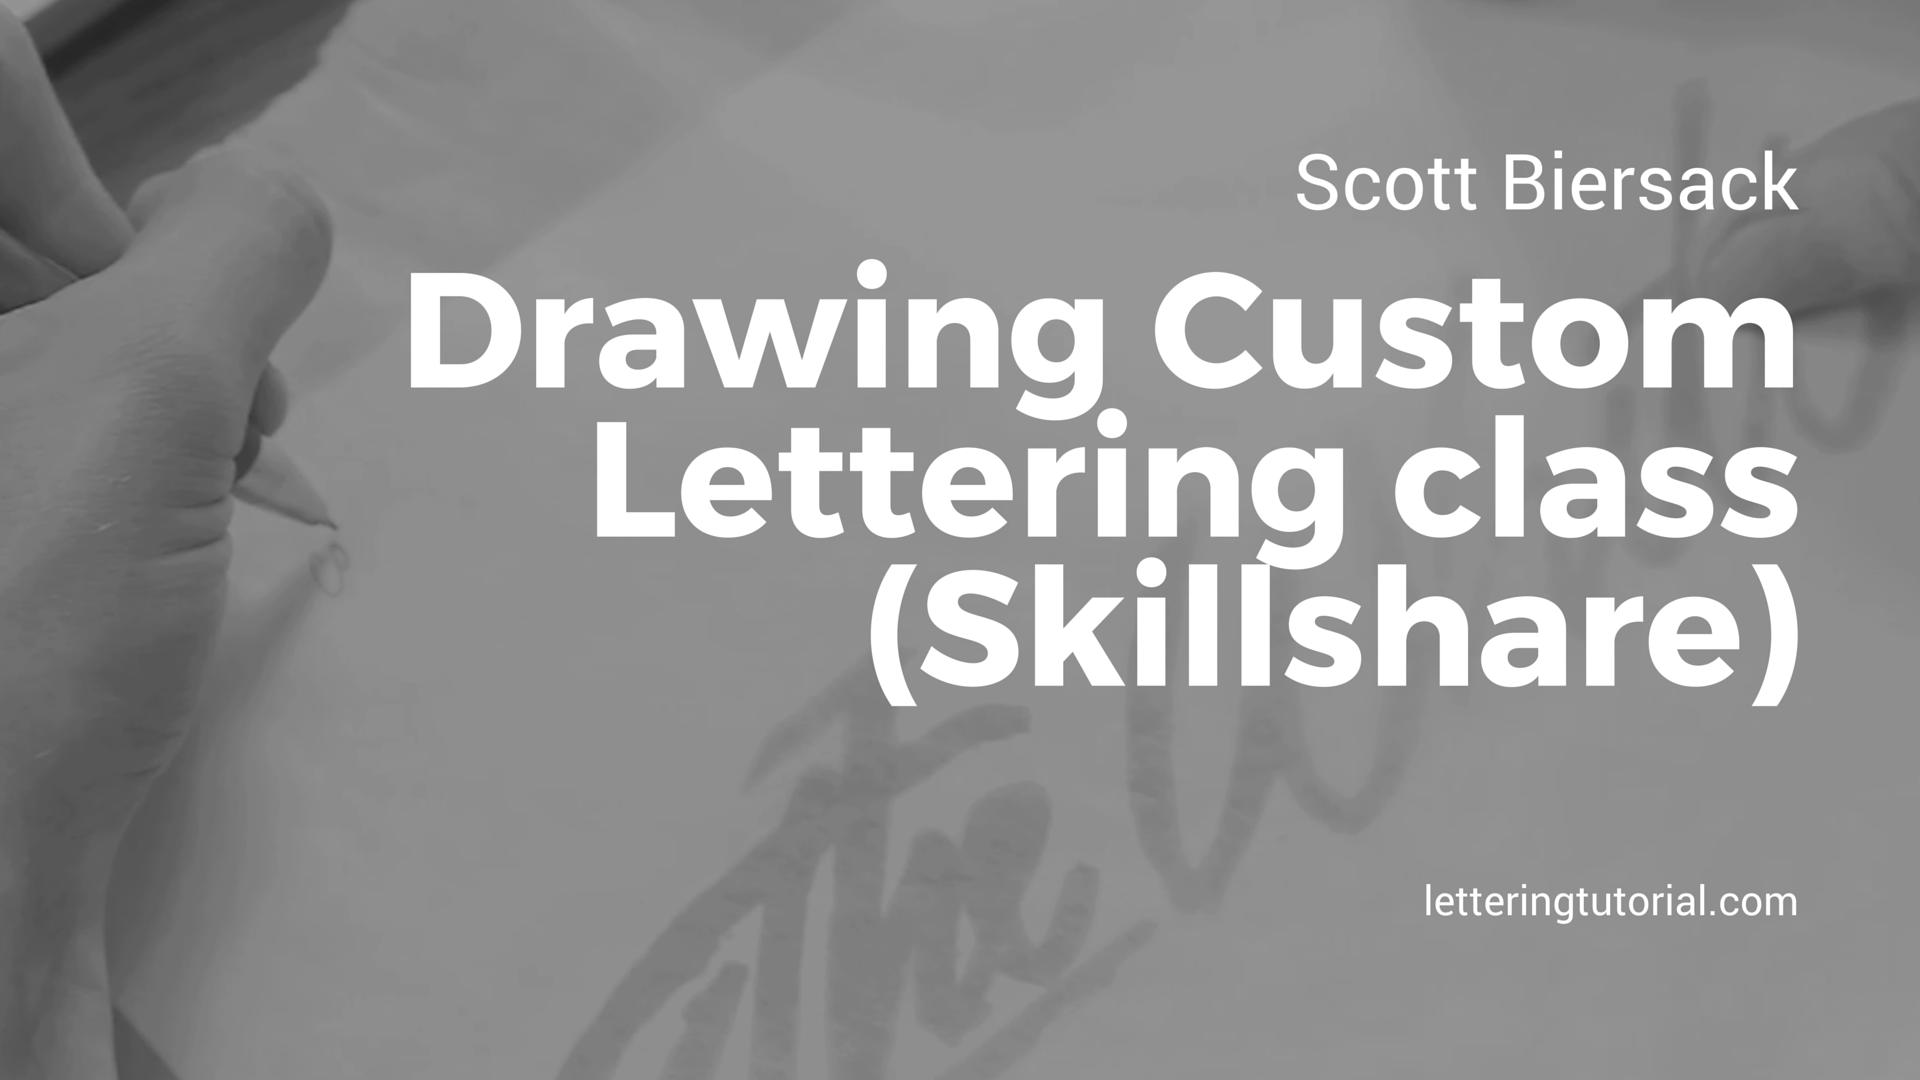 Scott Biersack Drawing Custom Lettering (Skillshare) - Lettering Tutorial